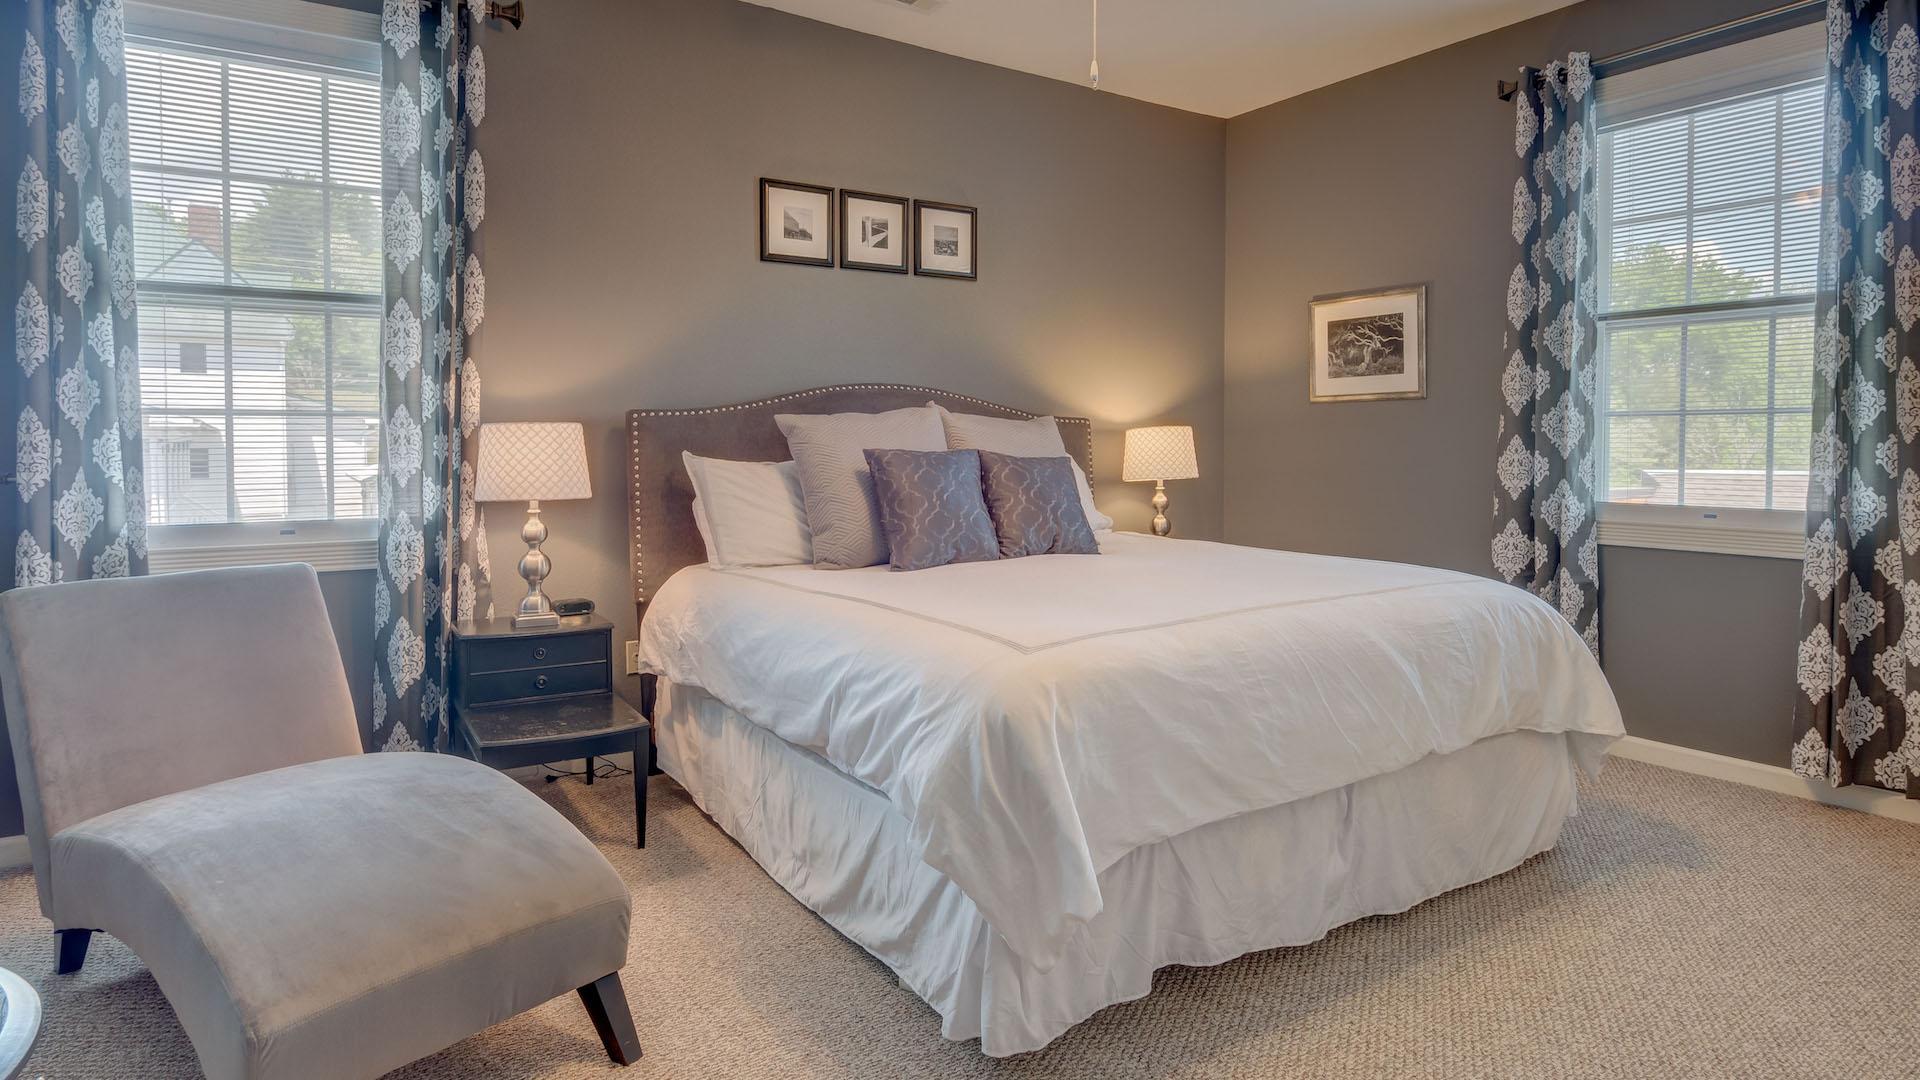 Downtown Blue Ridge West Main Suite 3